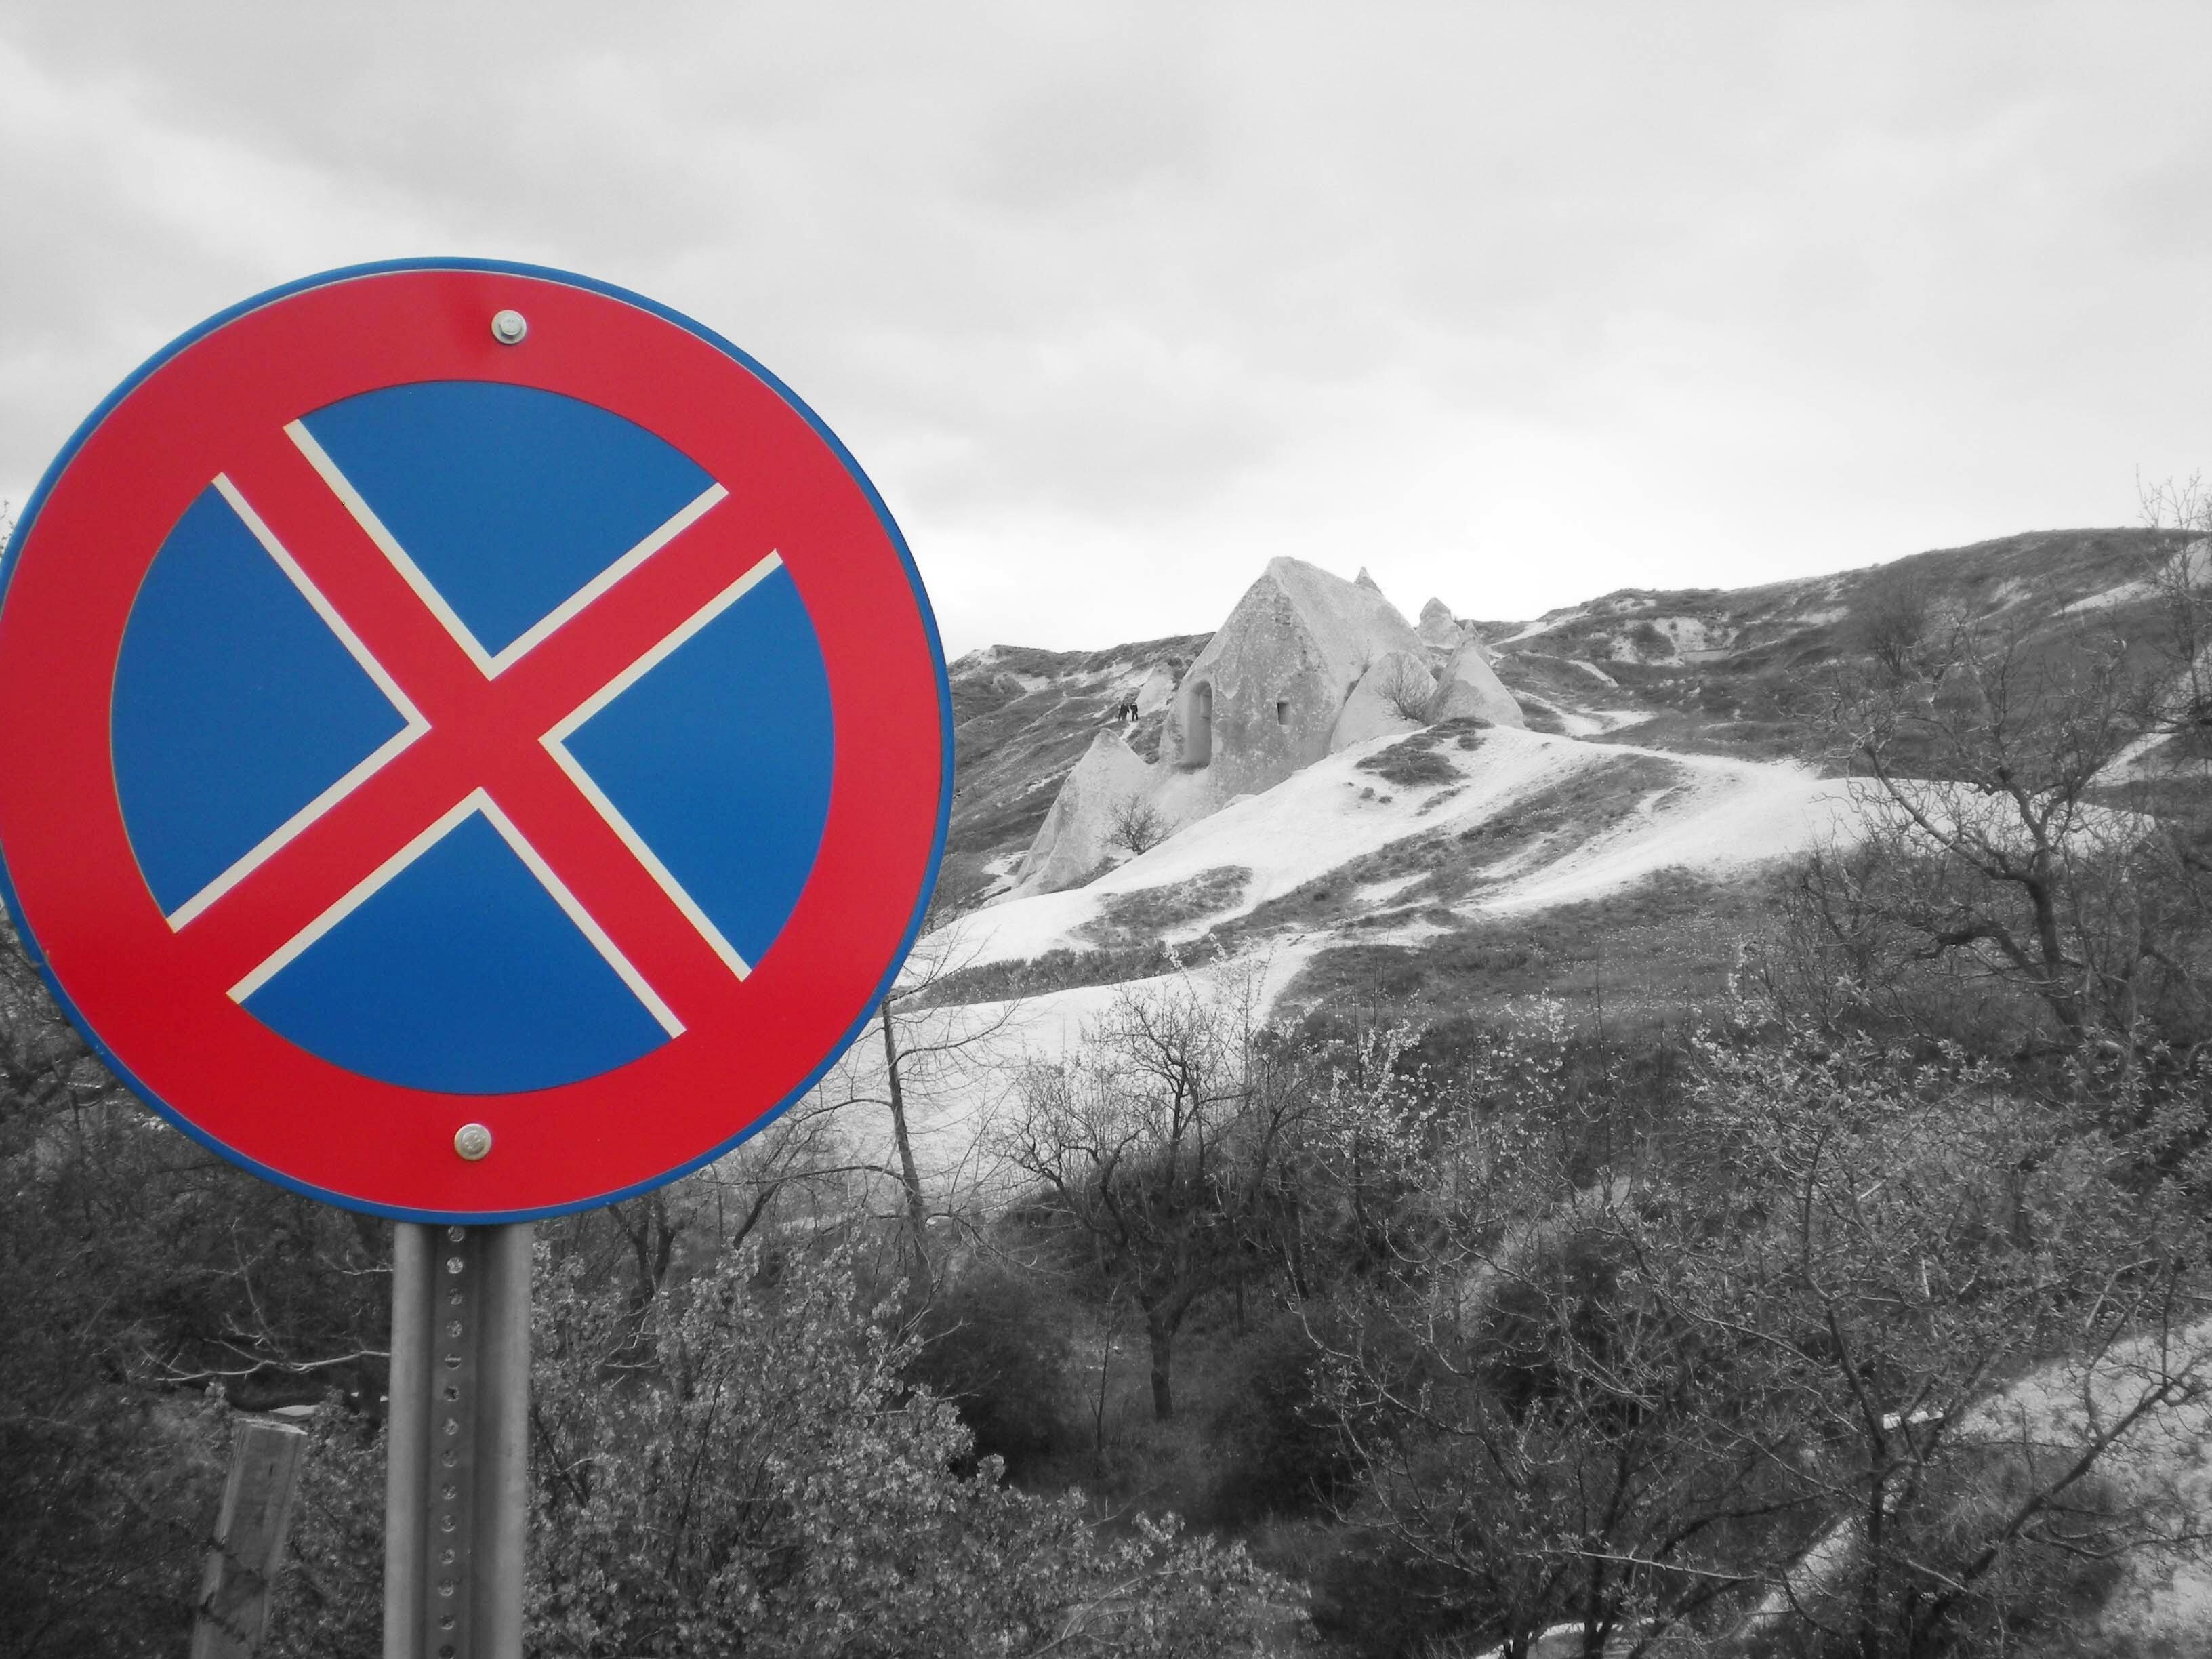 того картинки альтернативные дорожные знаки справа